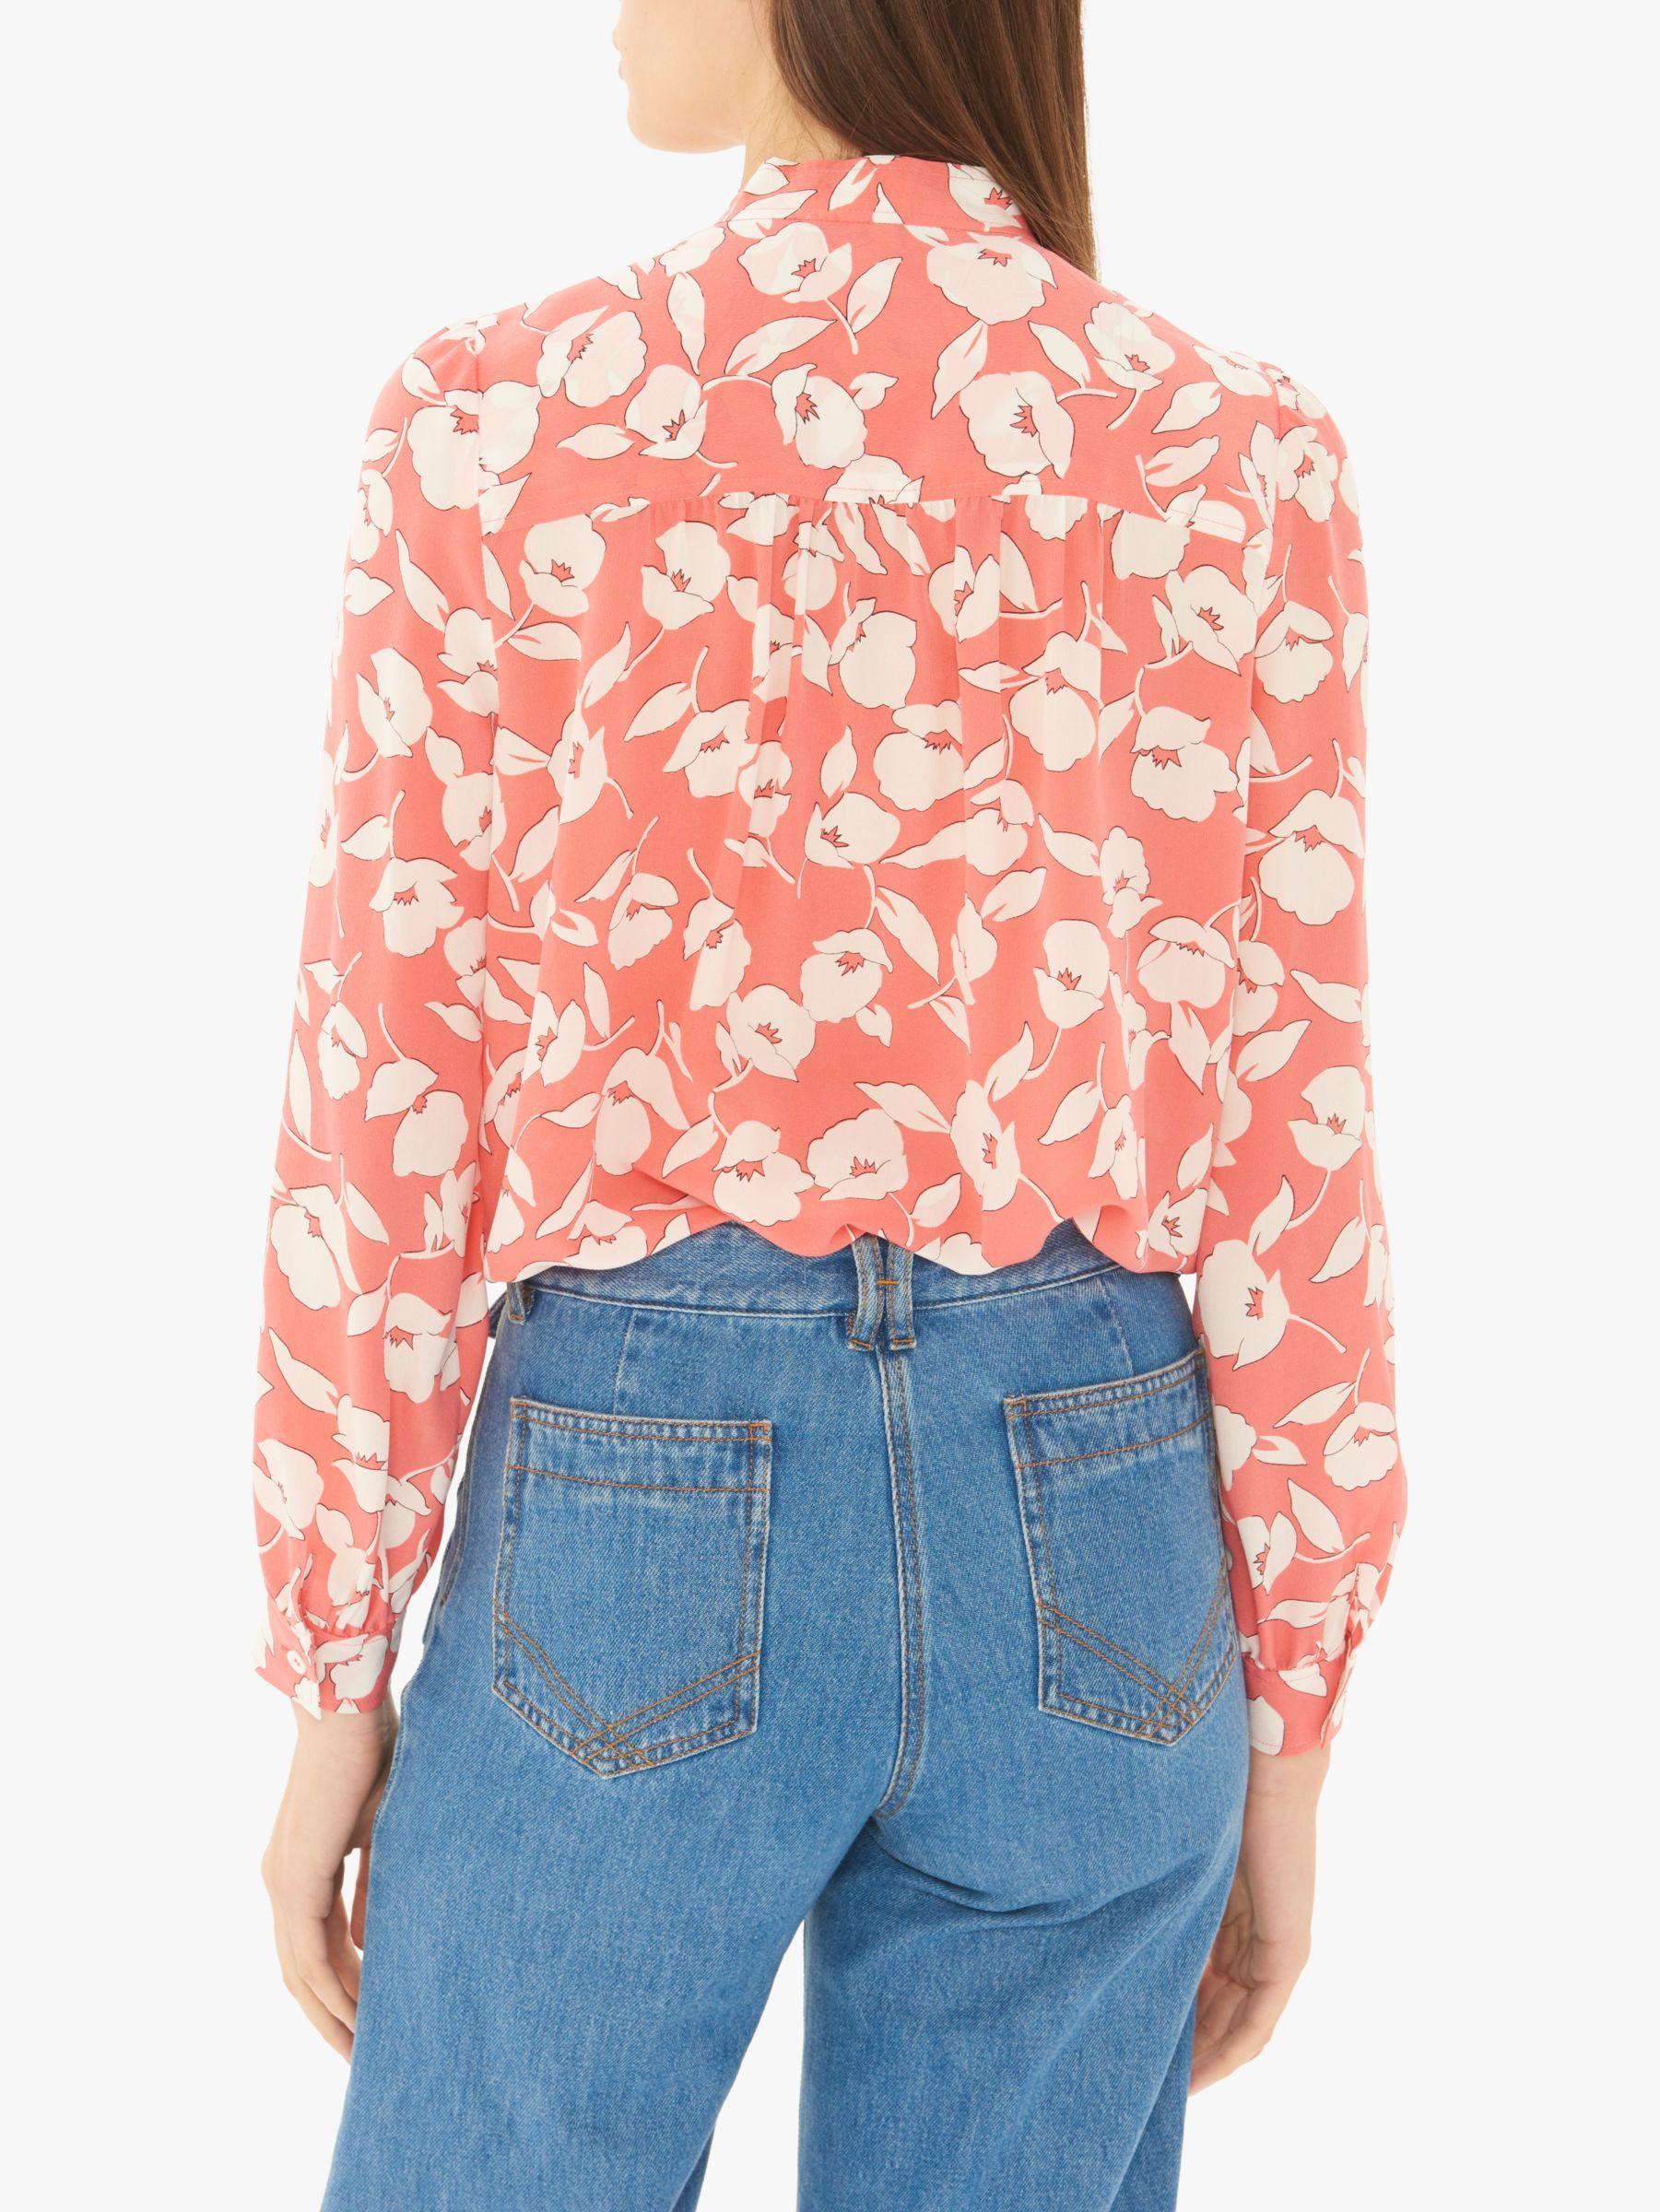 046b24c64eab82 Gerard Darel Elysa Silk Floral Shirt in Pink - Lyst